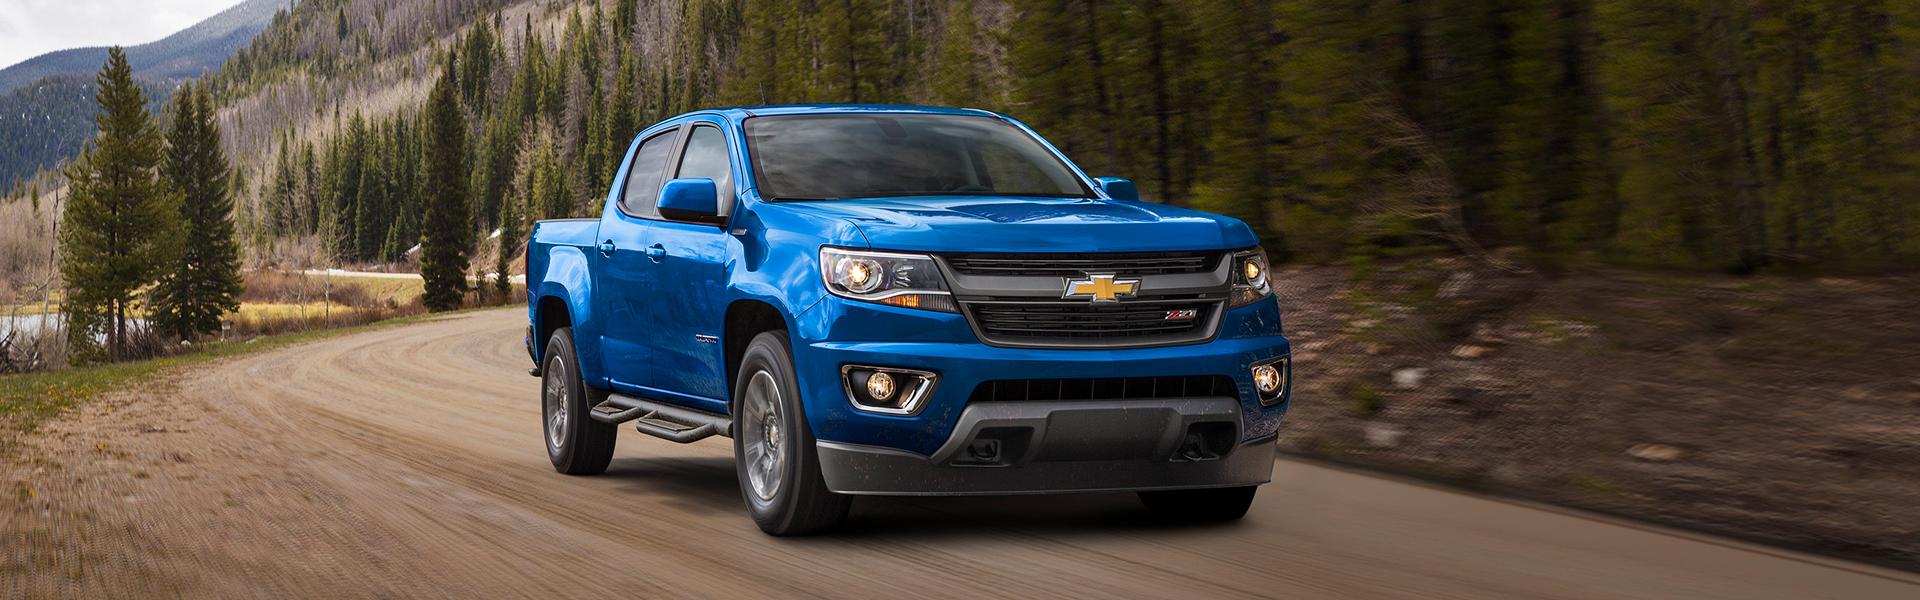 Previous Next. 2018 Chevrolet Colorado